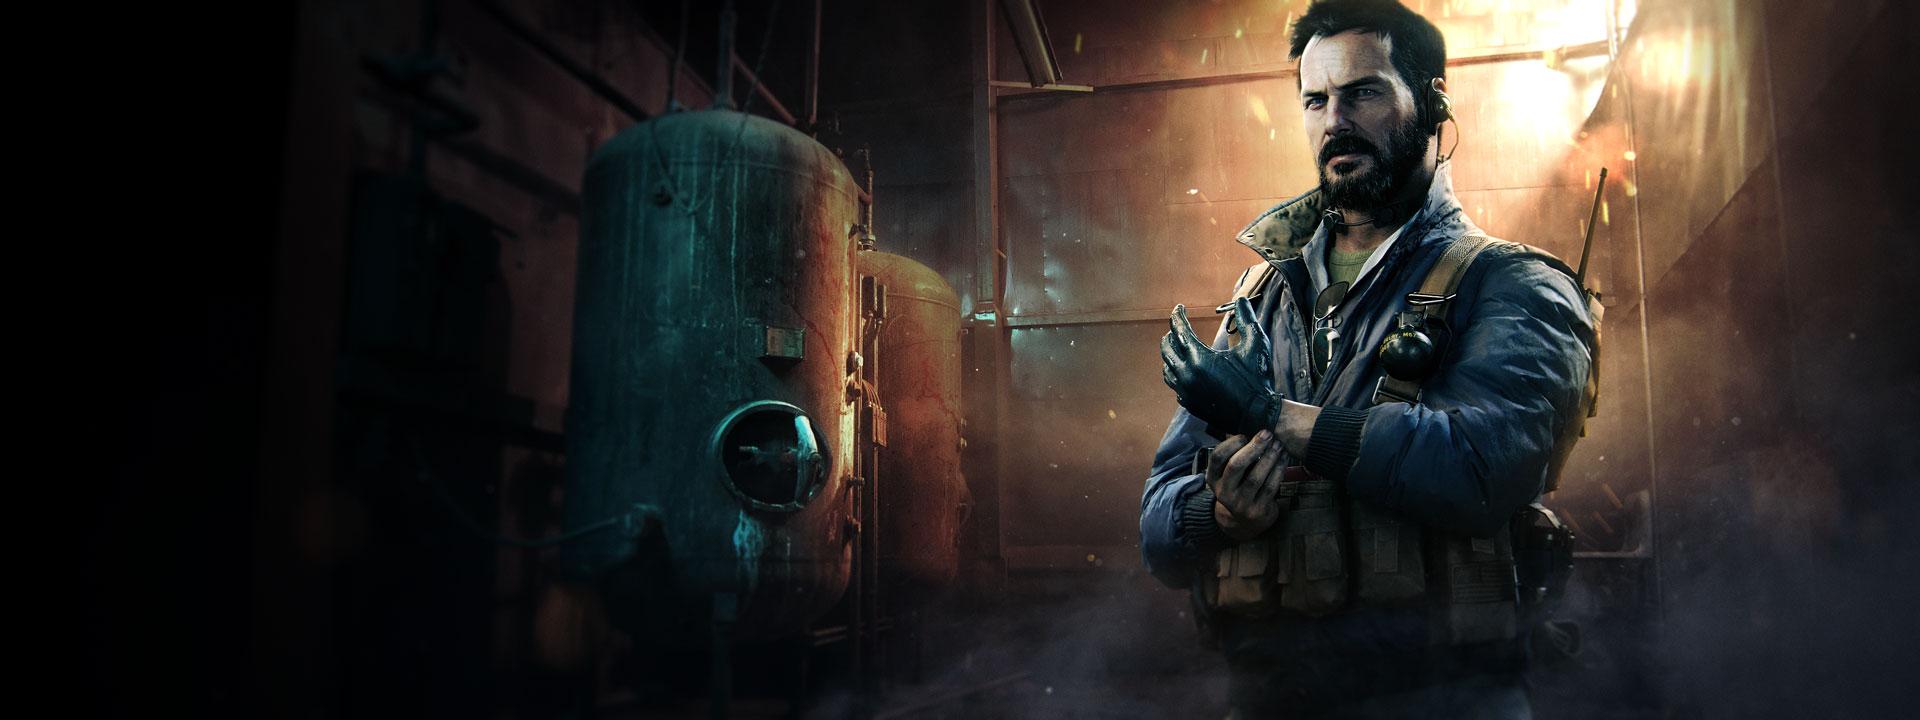 Новый сезон Call of Duty отложили на 24 часа — ролик боевого пропуска1